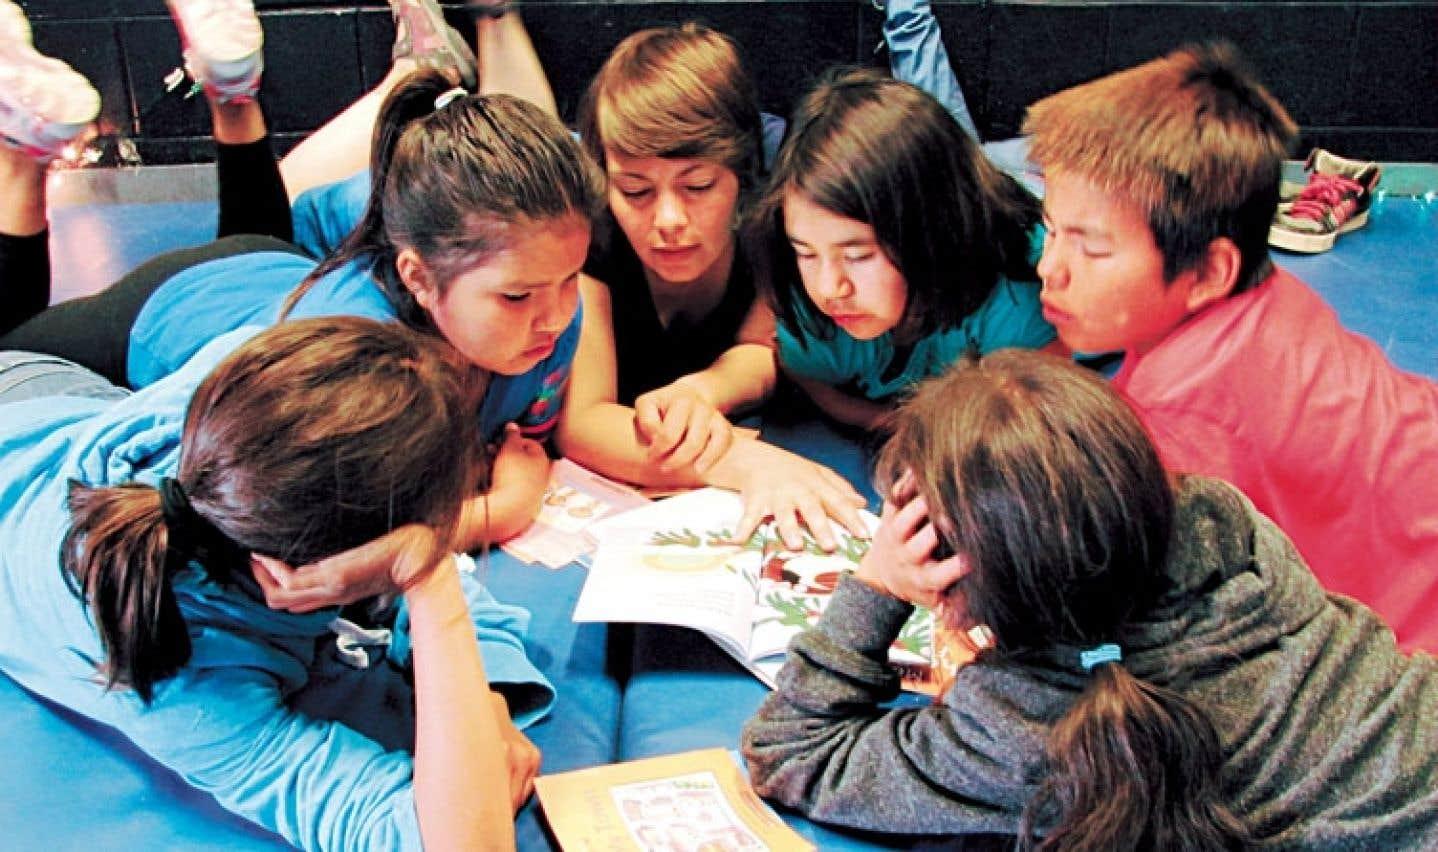 La participation à un camp de littératie donne souvent le goût de la lecture aux enfants, en plus d'augmenter leur estime de soi.